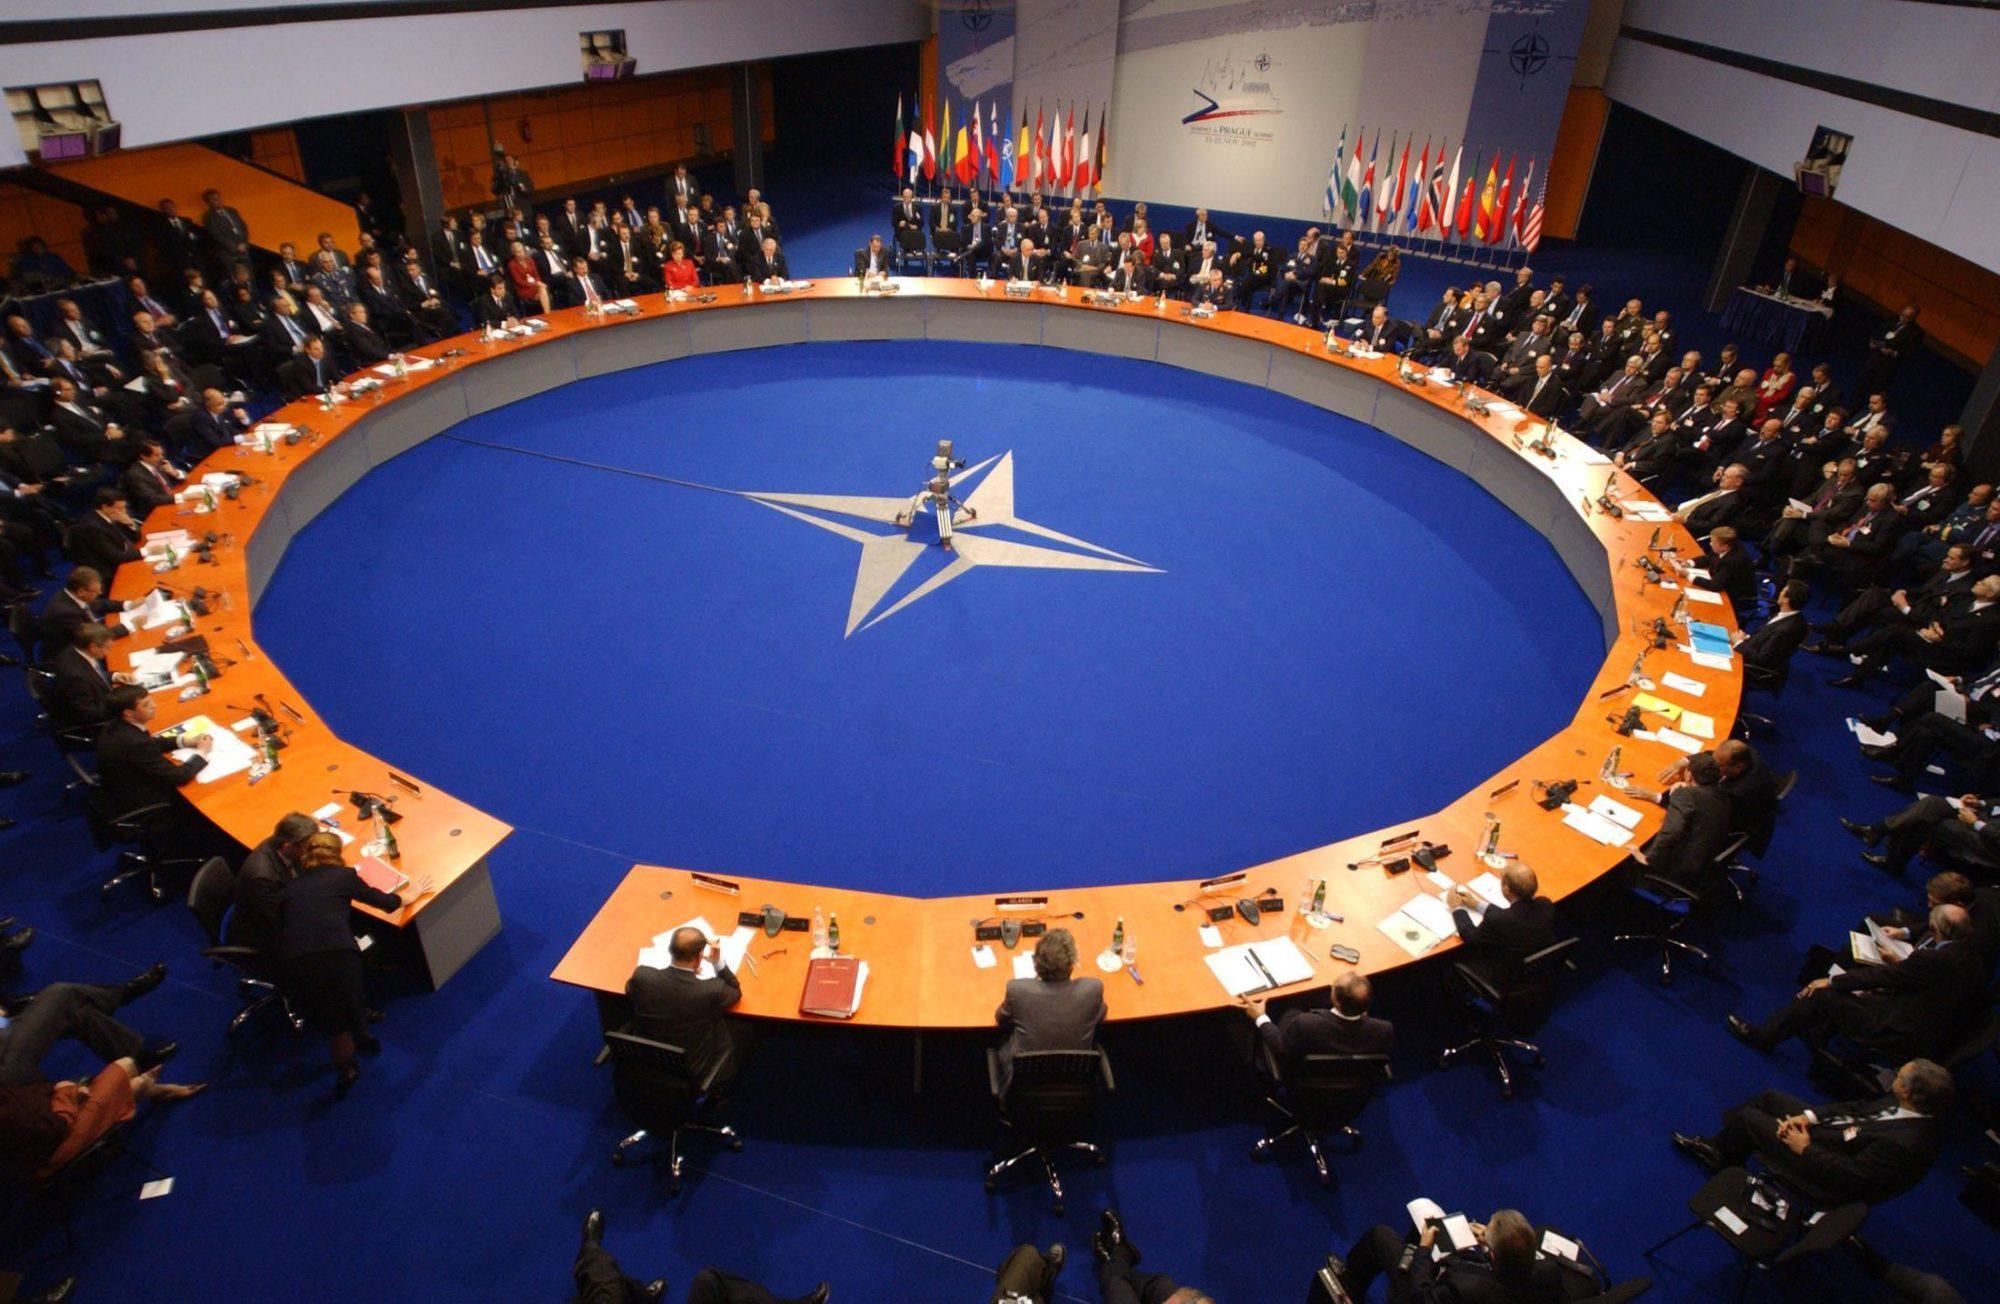 В Україні з'явився посібник з НАТОзнавства - Україна, посібник, онлайн, НАТО, навчання - QIjLYqtJcvUYw UTL6KQ5HZ4gpTRatkU 2000x1304